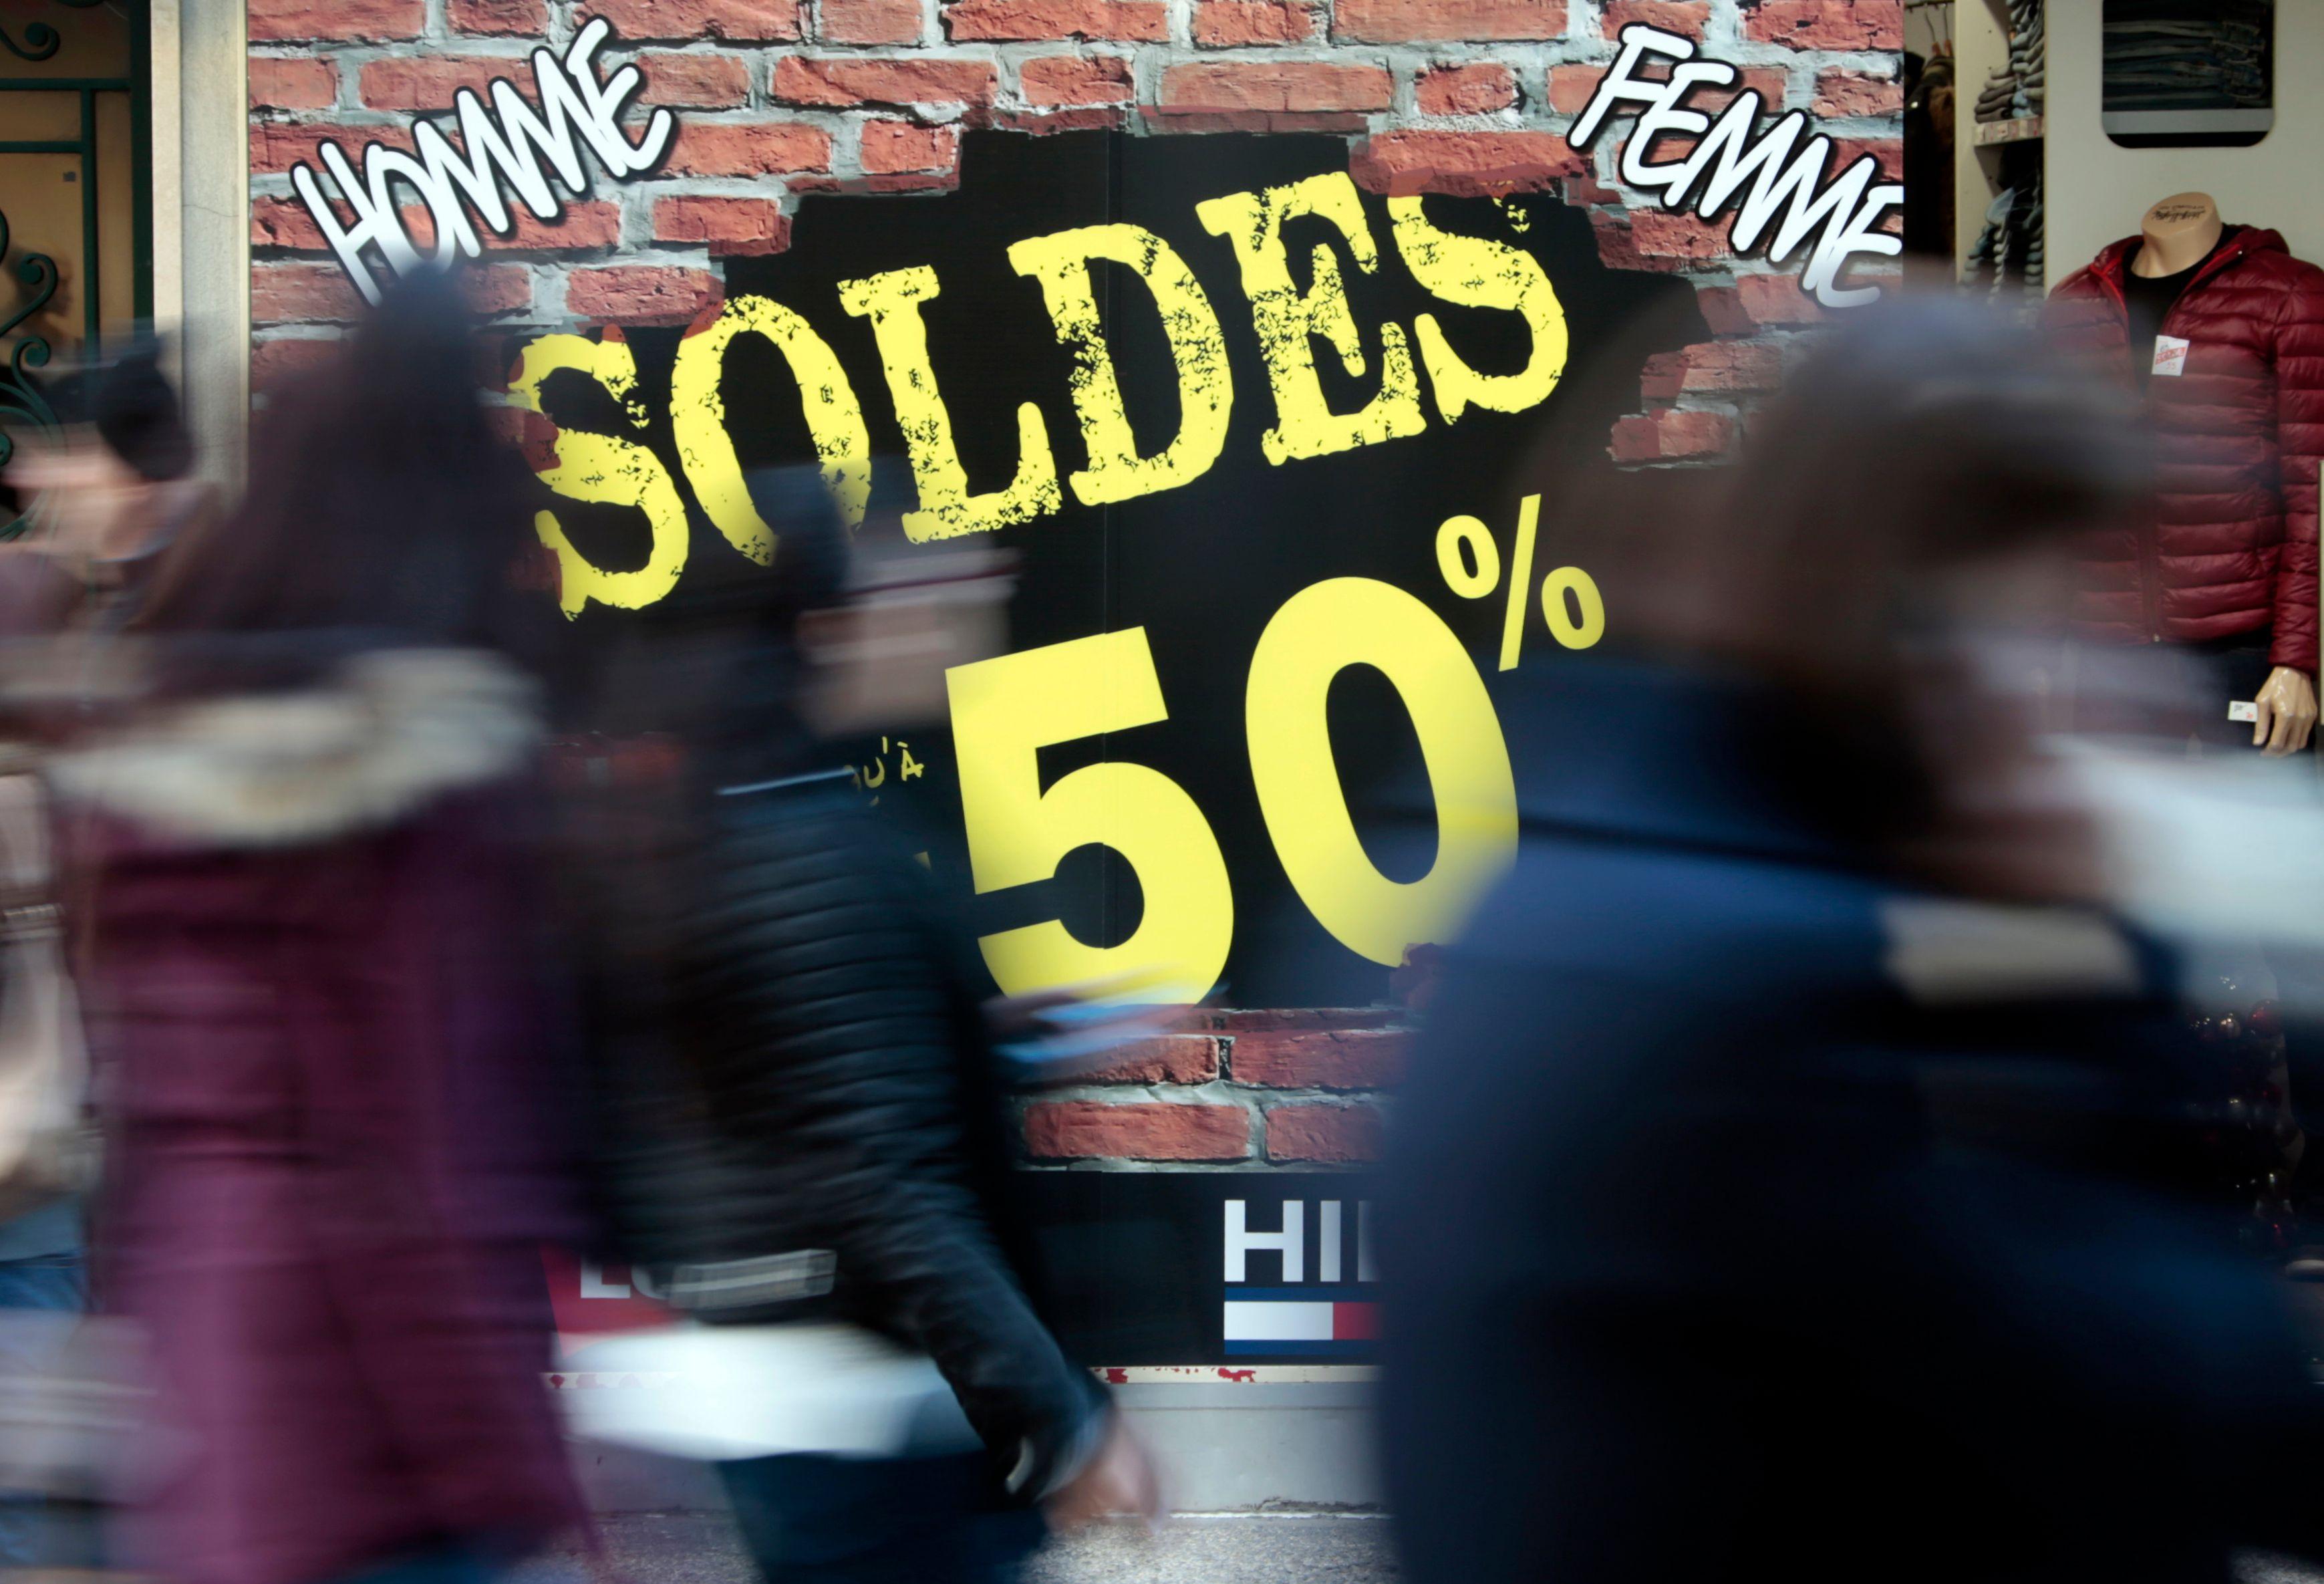 L'opération commerciale Black Friday sur la sellette après les attentats de Paris